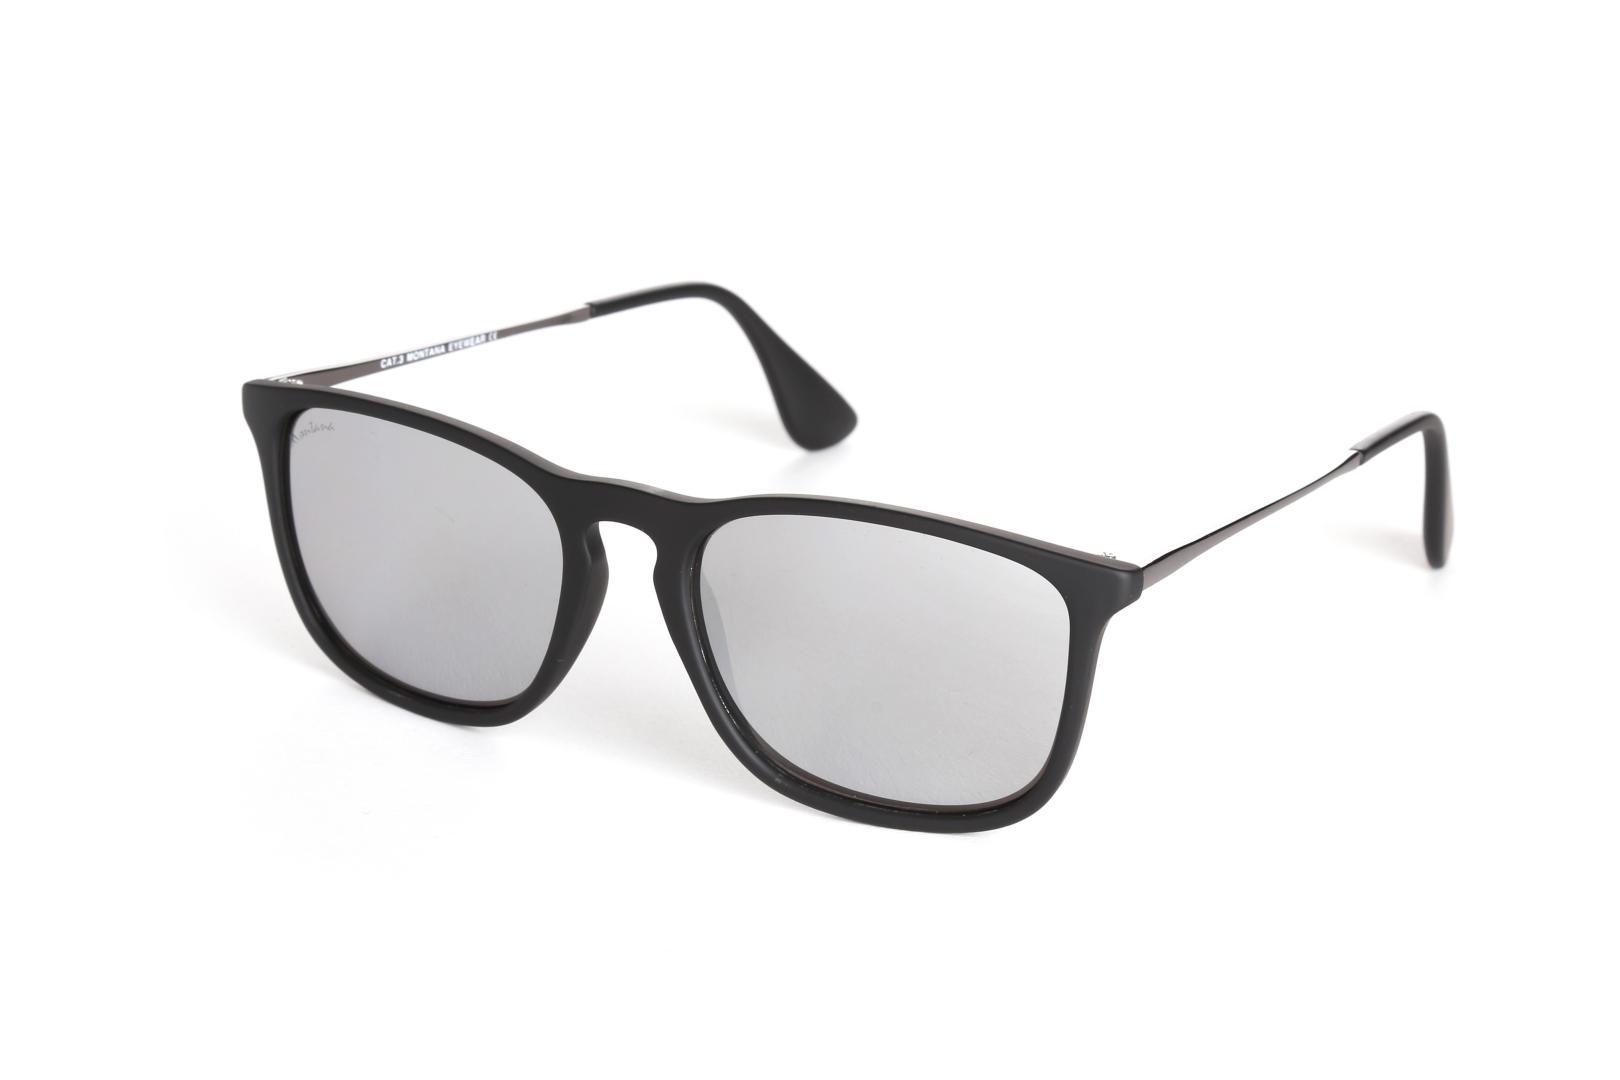 Montana Eyewear MS34-Schwarz J1BkF